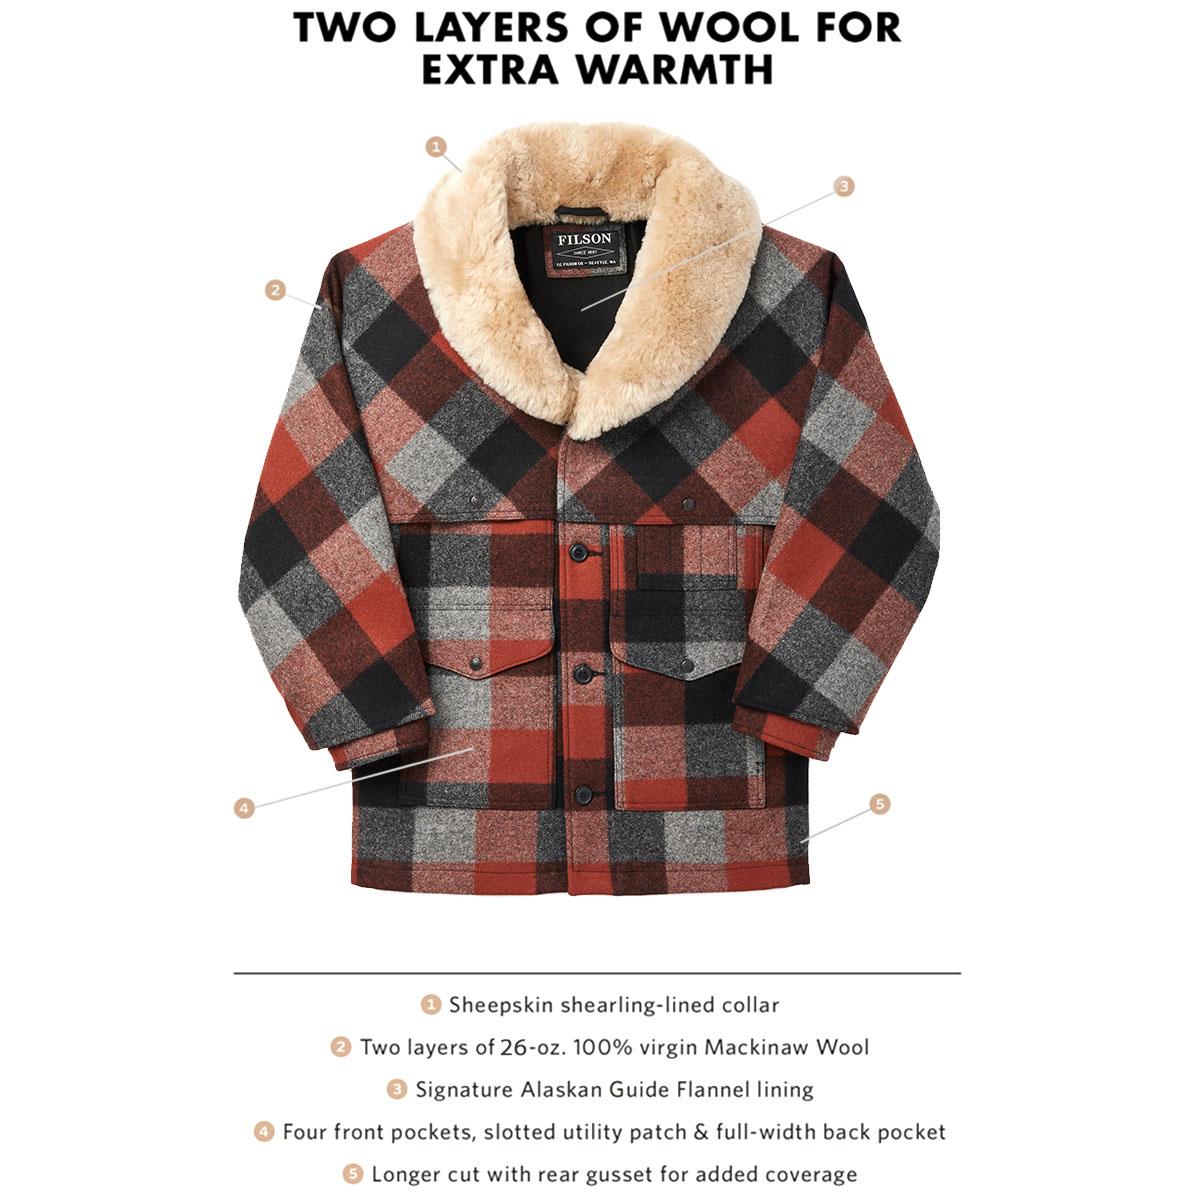 Filson Lined Wool Packer Coat Black/Charcoal/Rust, für Komfort, natürliche wasserabweisende Eigenschaften und isolierende Wärme bei jedem Wetter